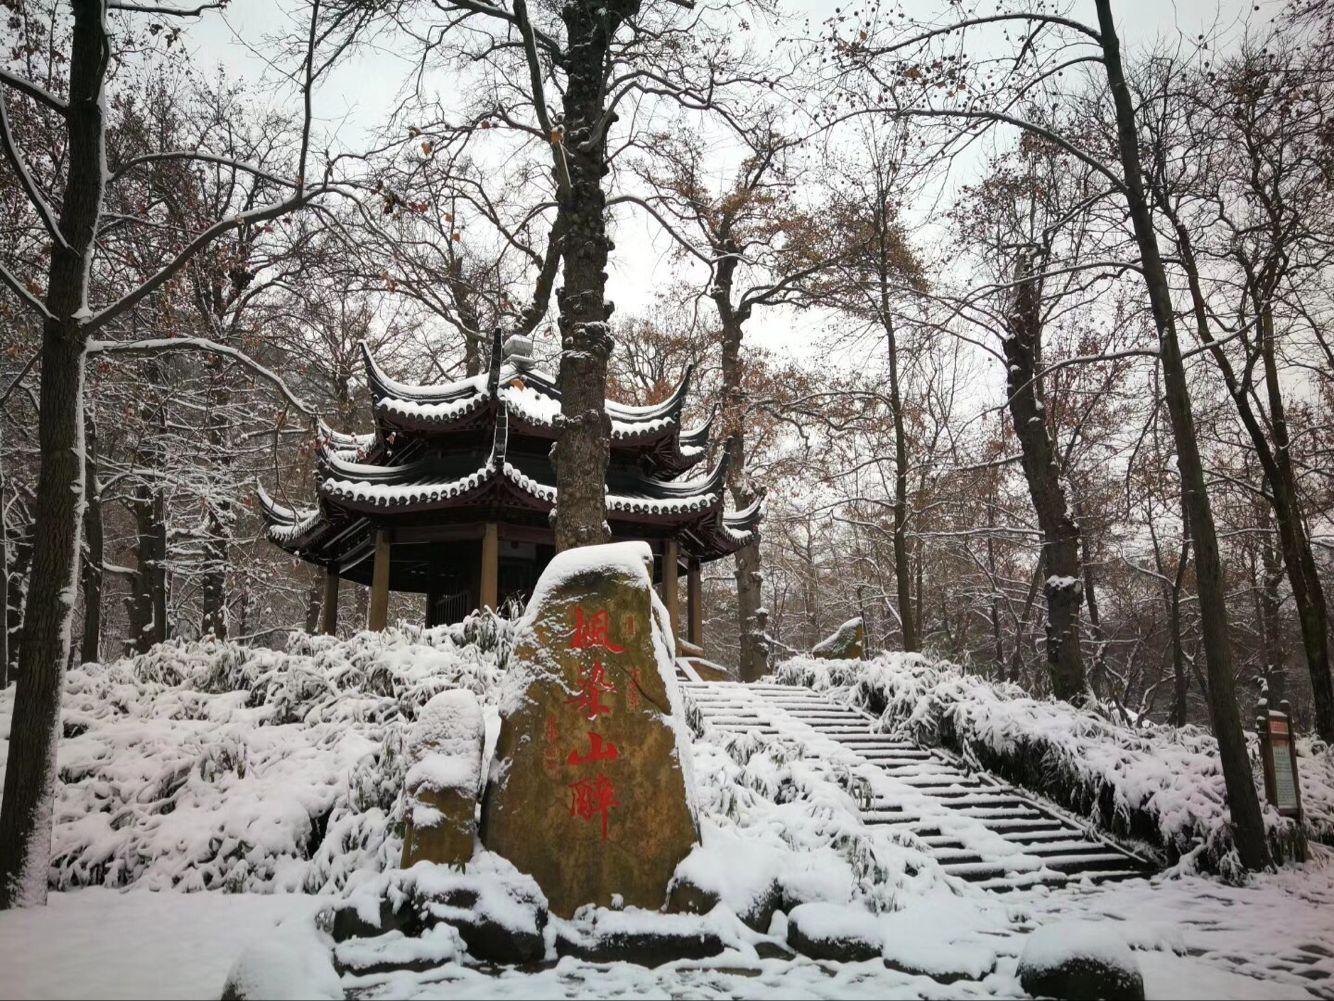 苏州市天平山风景名胜区